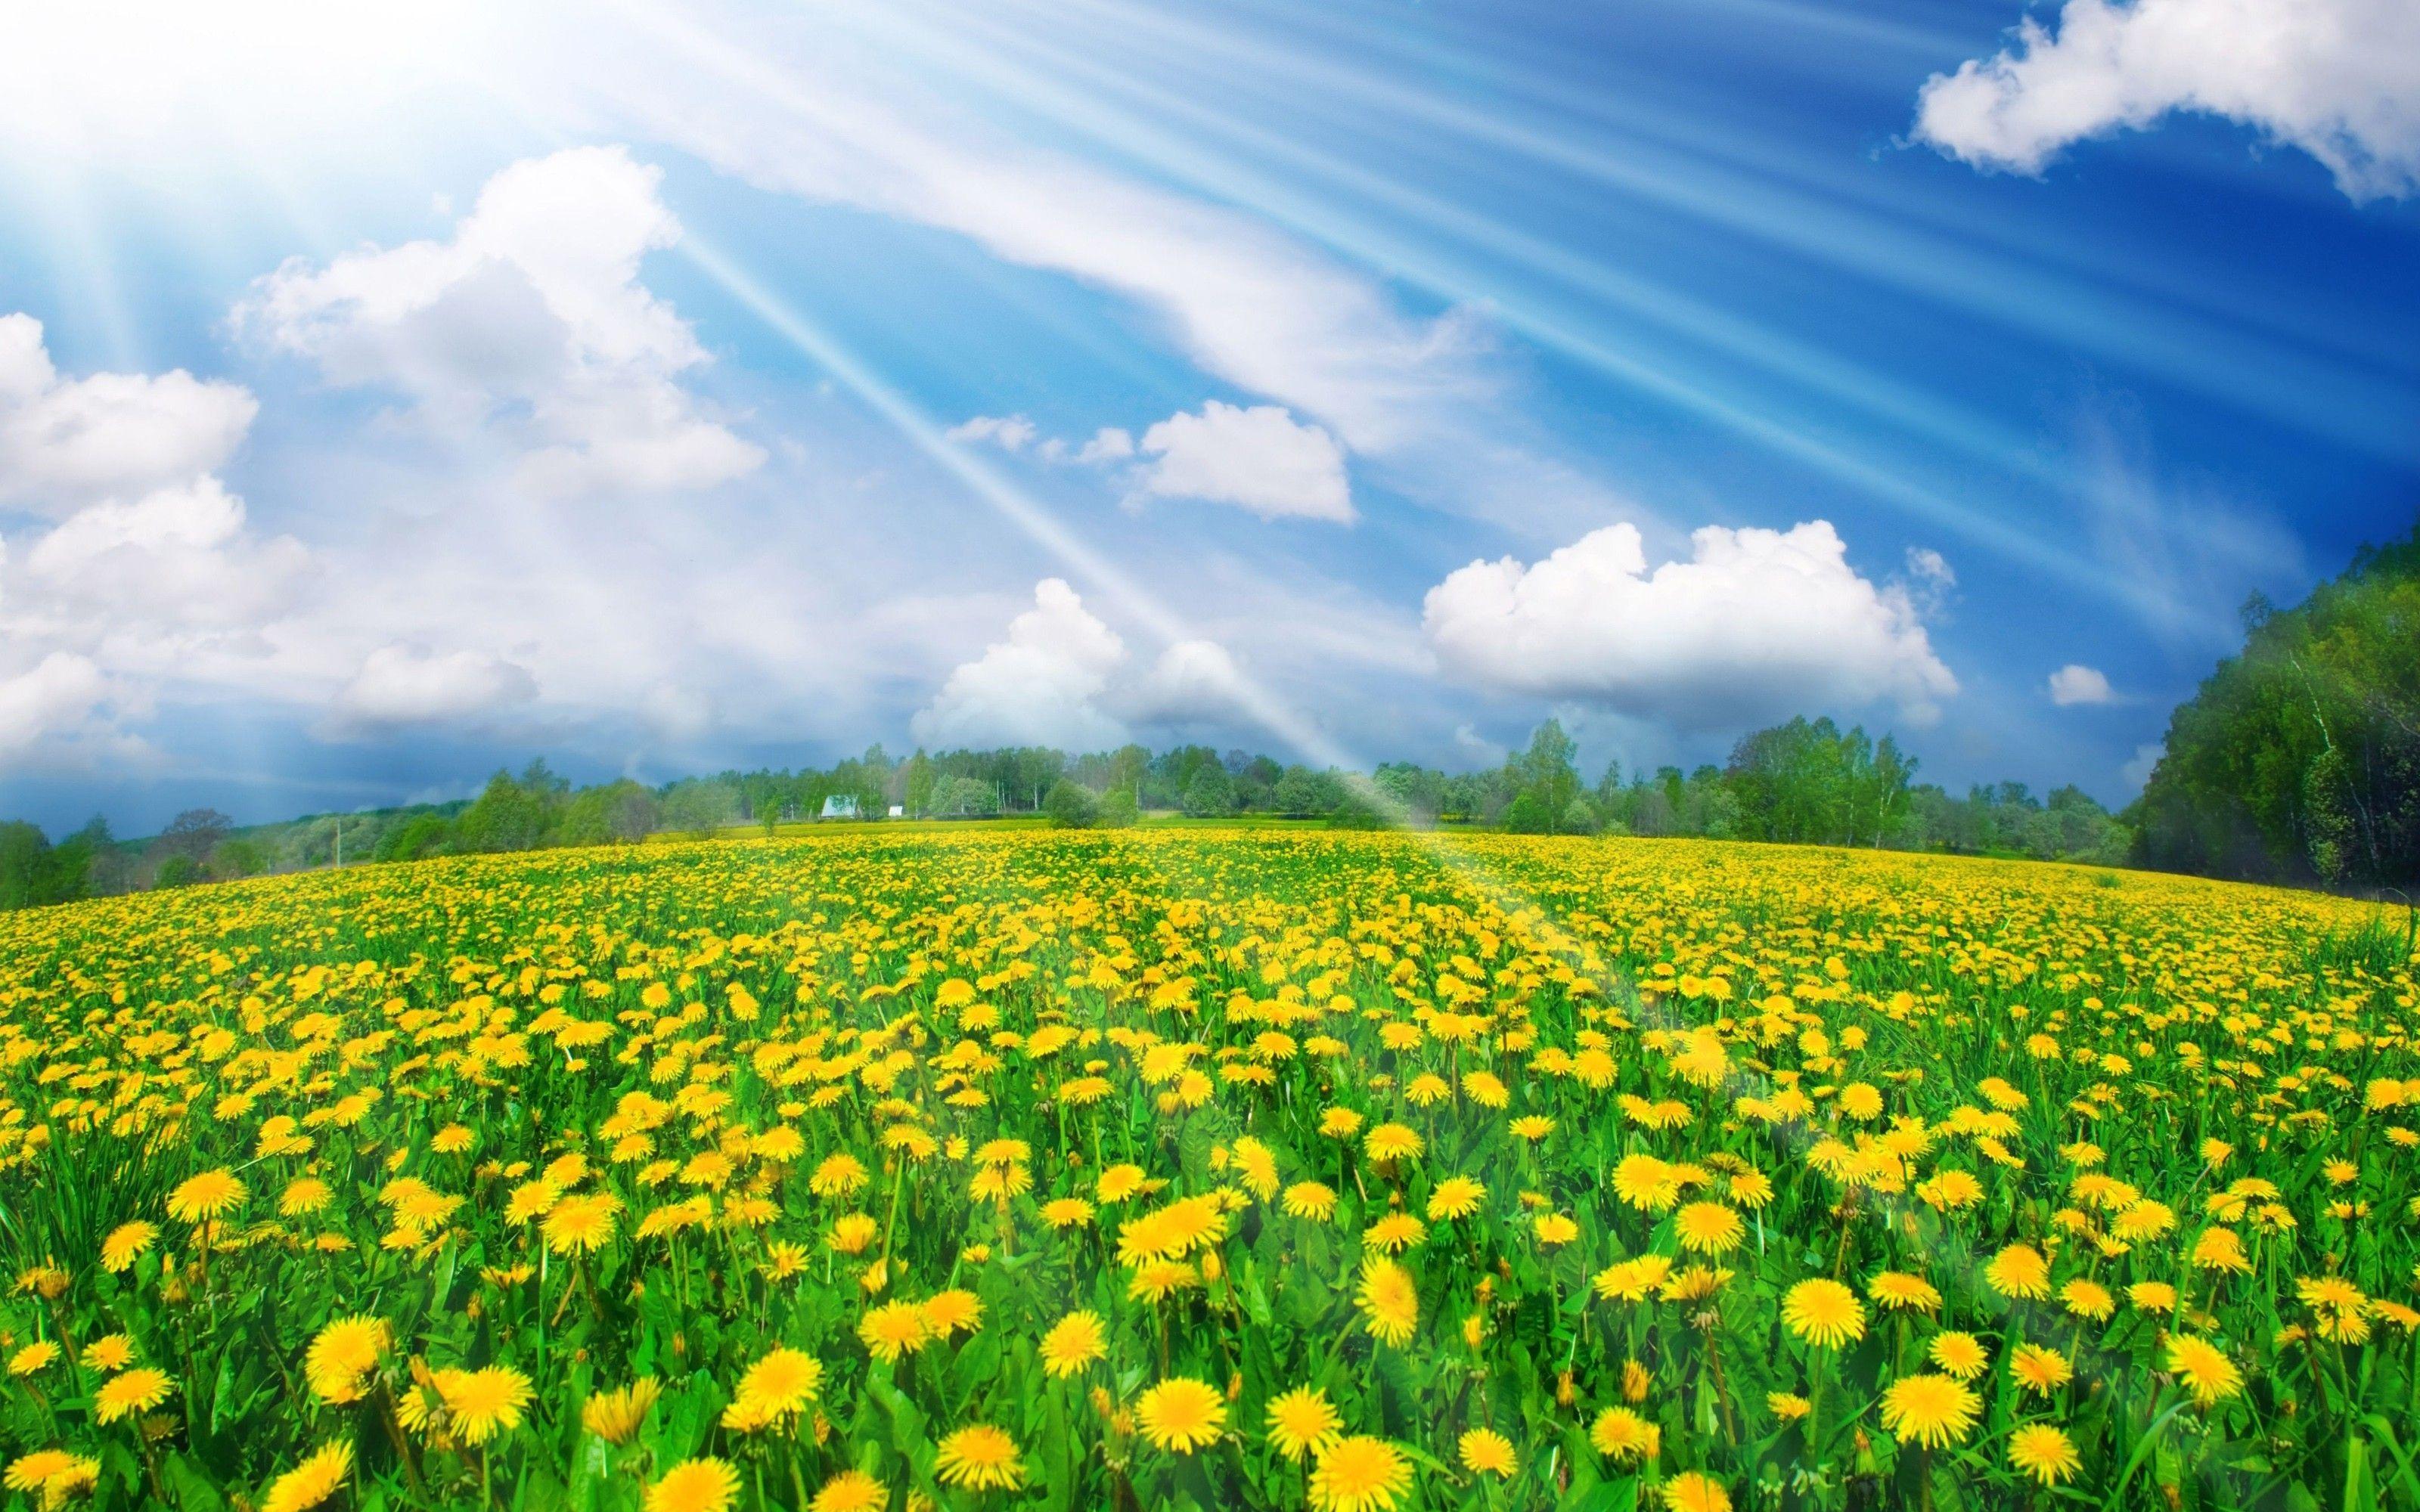 flores de campo en hd gratis para bajar 6 hd wallpapers | exson